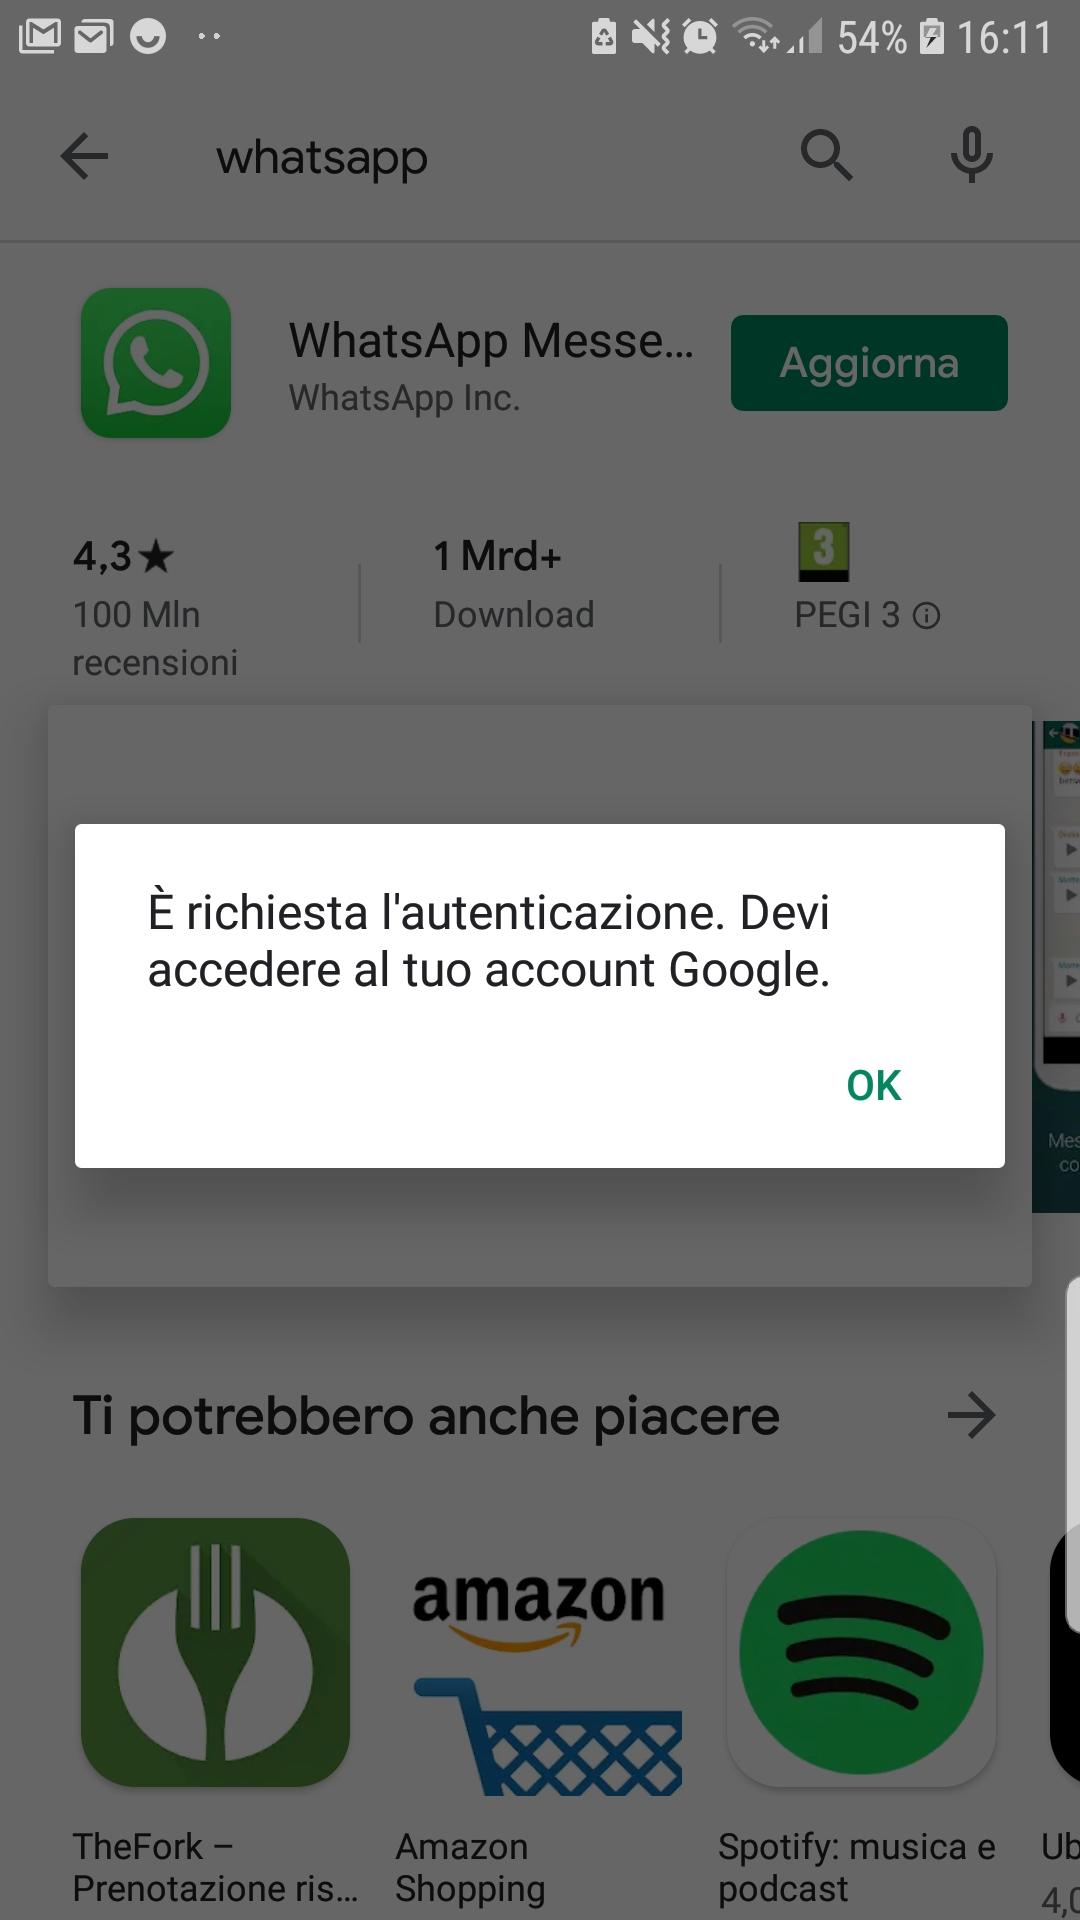 Aggiornamento whatsapp impossibile causa